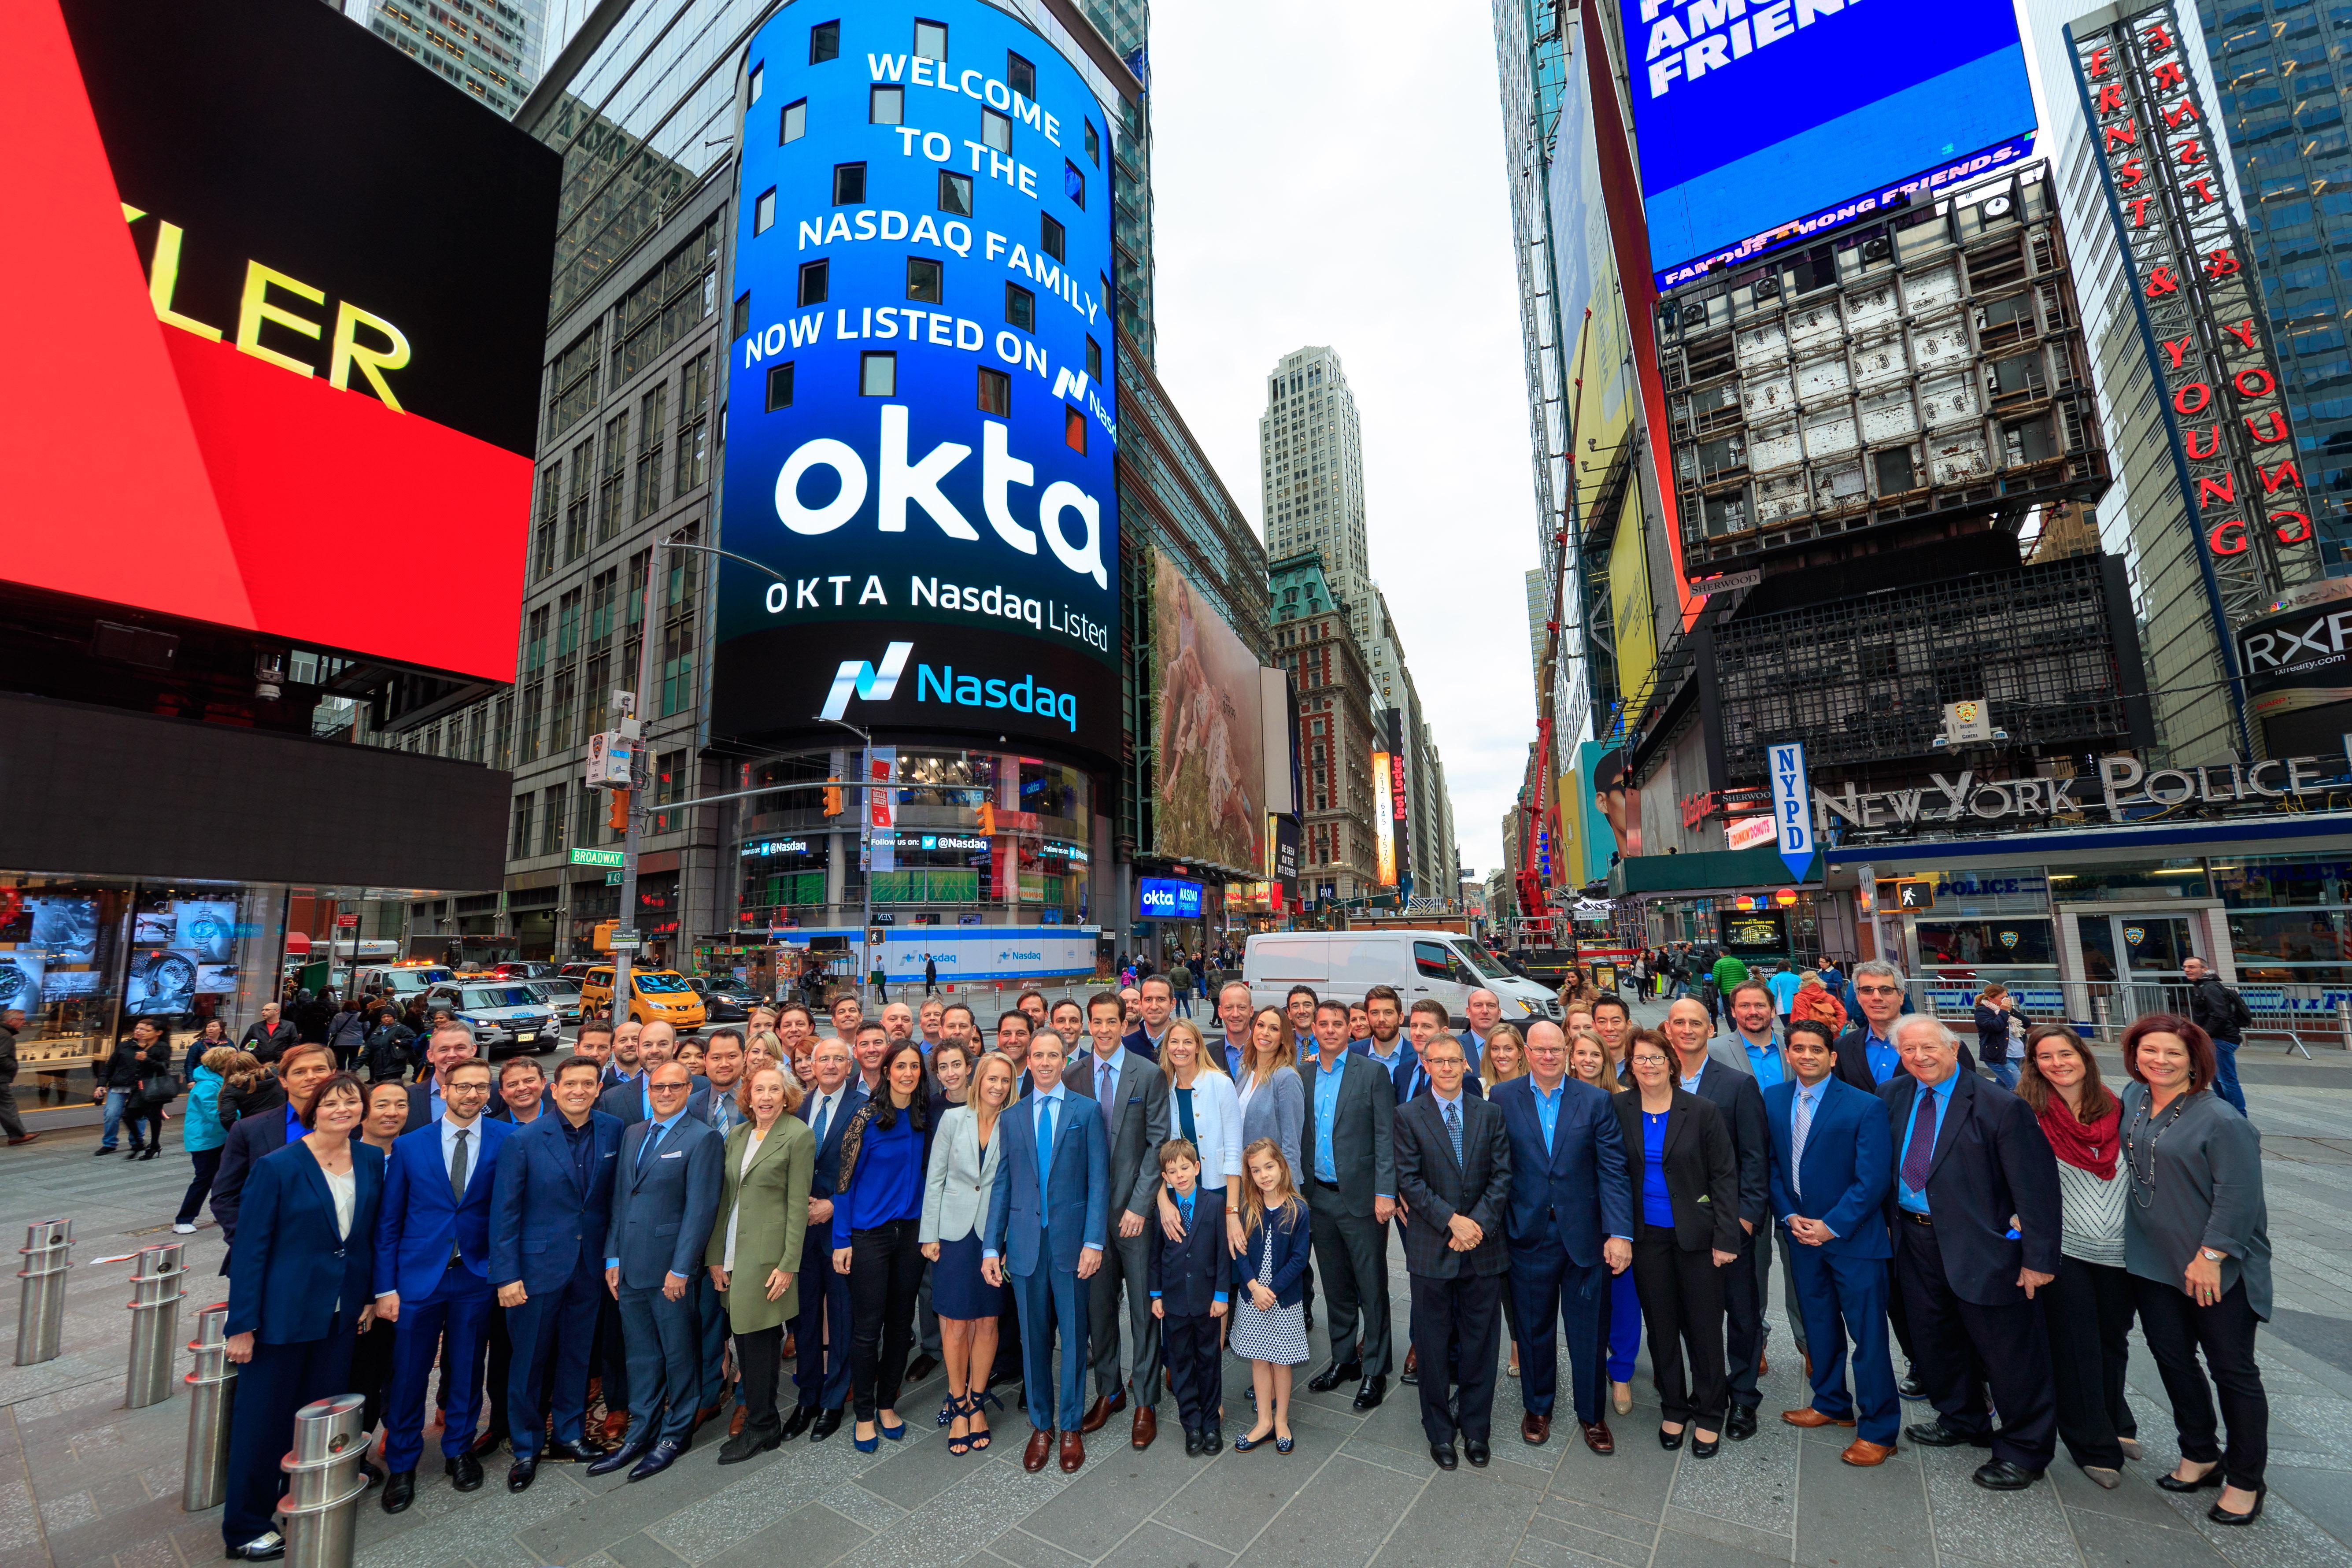 """Nasdaq nemá """"fotogenický"""" obchodní parket jako NYSE, a tak se na propagačních snímkách místo toho chlubí svou budovou MarketSite na Times Square"""